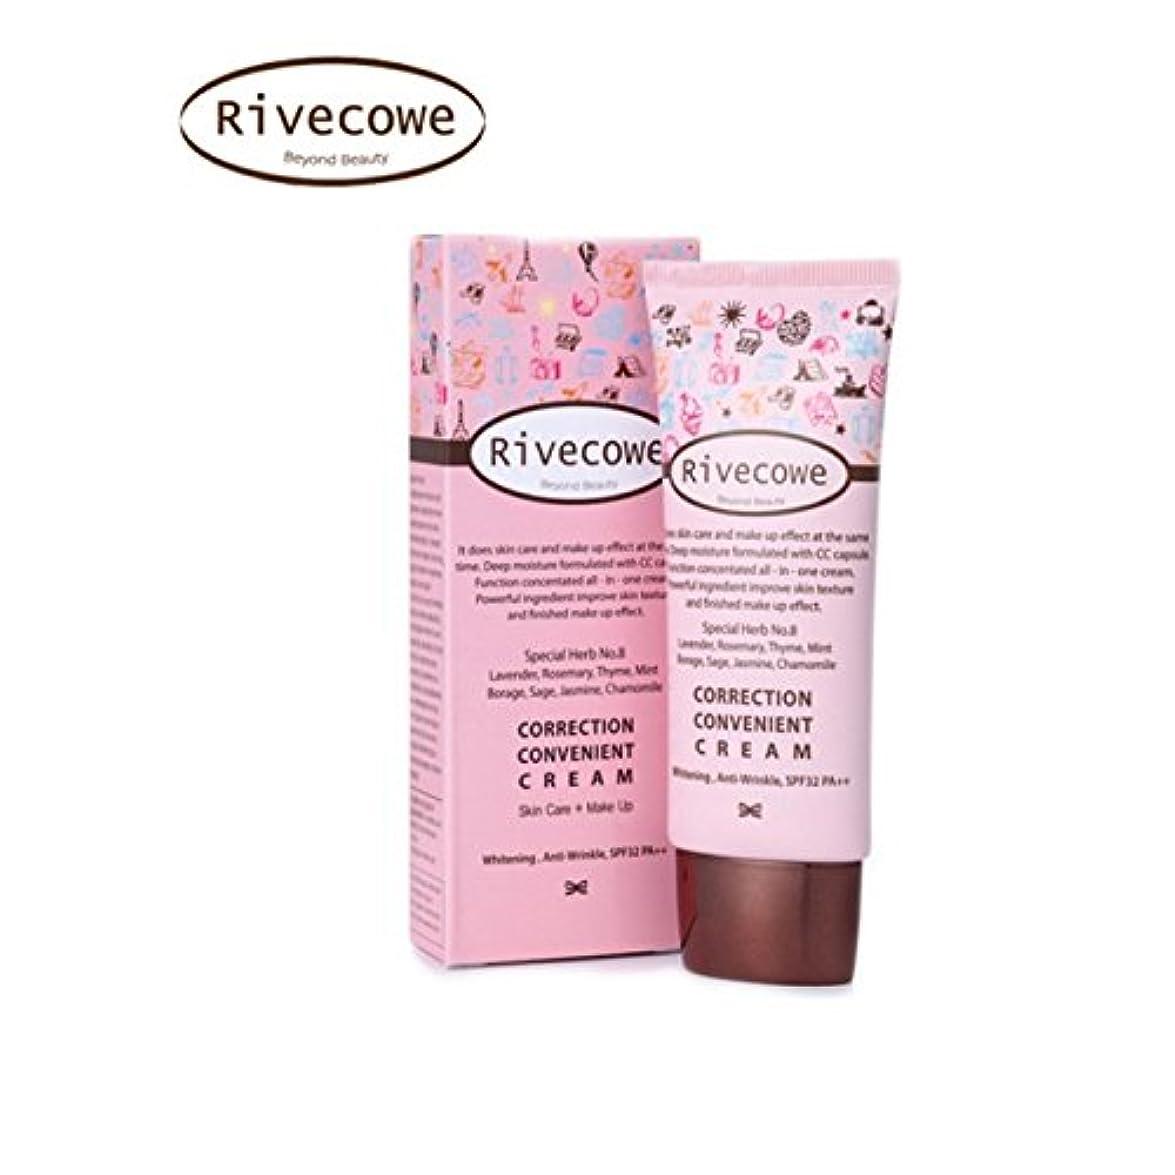 器官年金受給者自宅でリヴコイ [韓国コスメ Rivecowe] CC クリーム (SPF32,PA++) 40ml(BB Skin Care+Makeup Foundation)/w Gift Sample [並行輸入品]